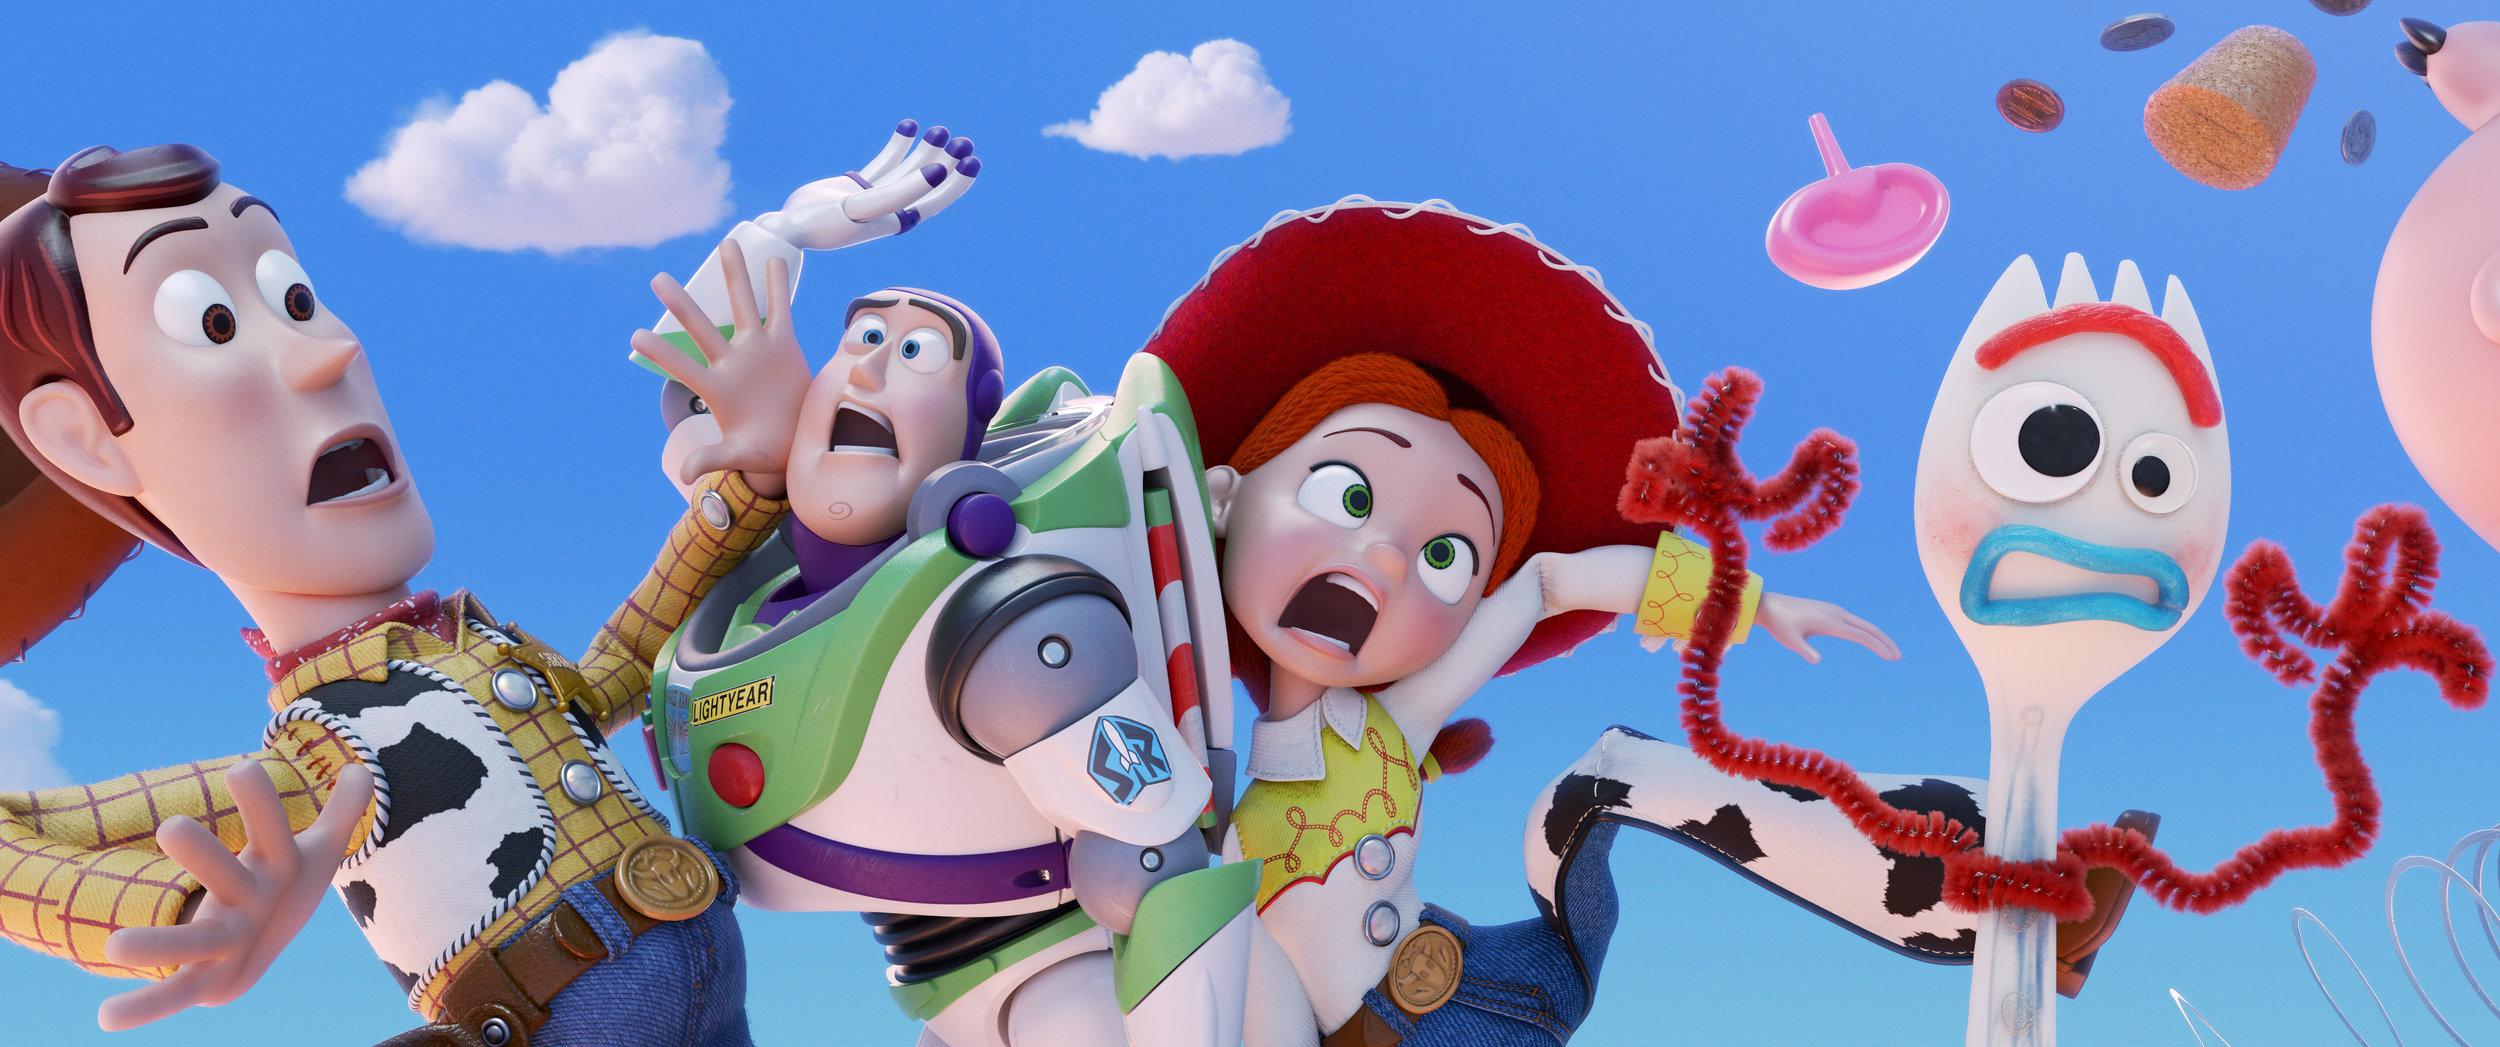 Photo: Disney-Pixar's Toy Story 4